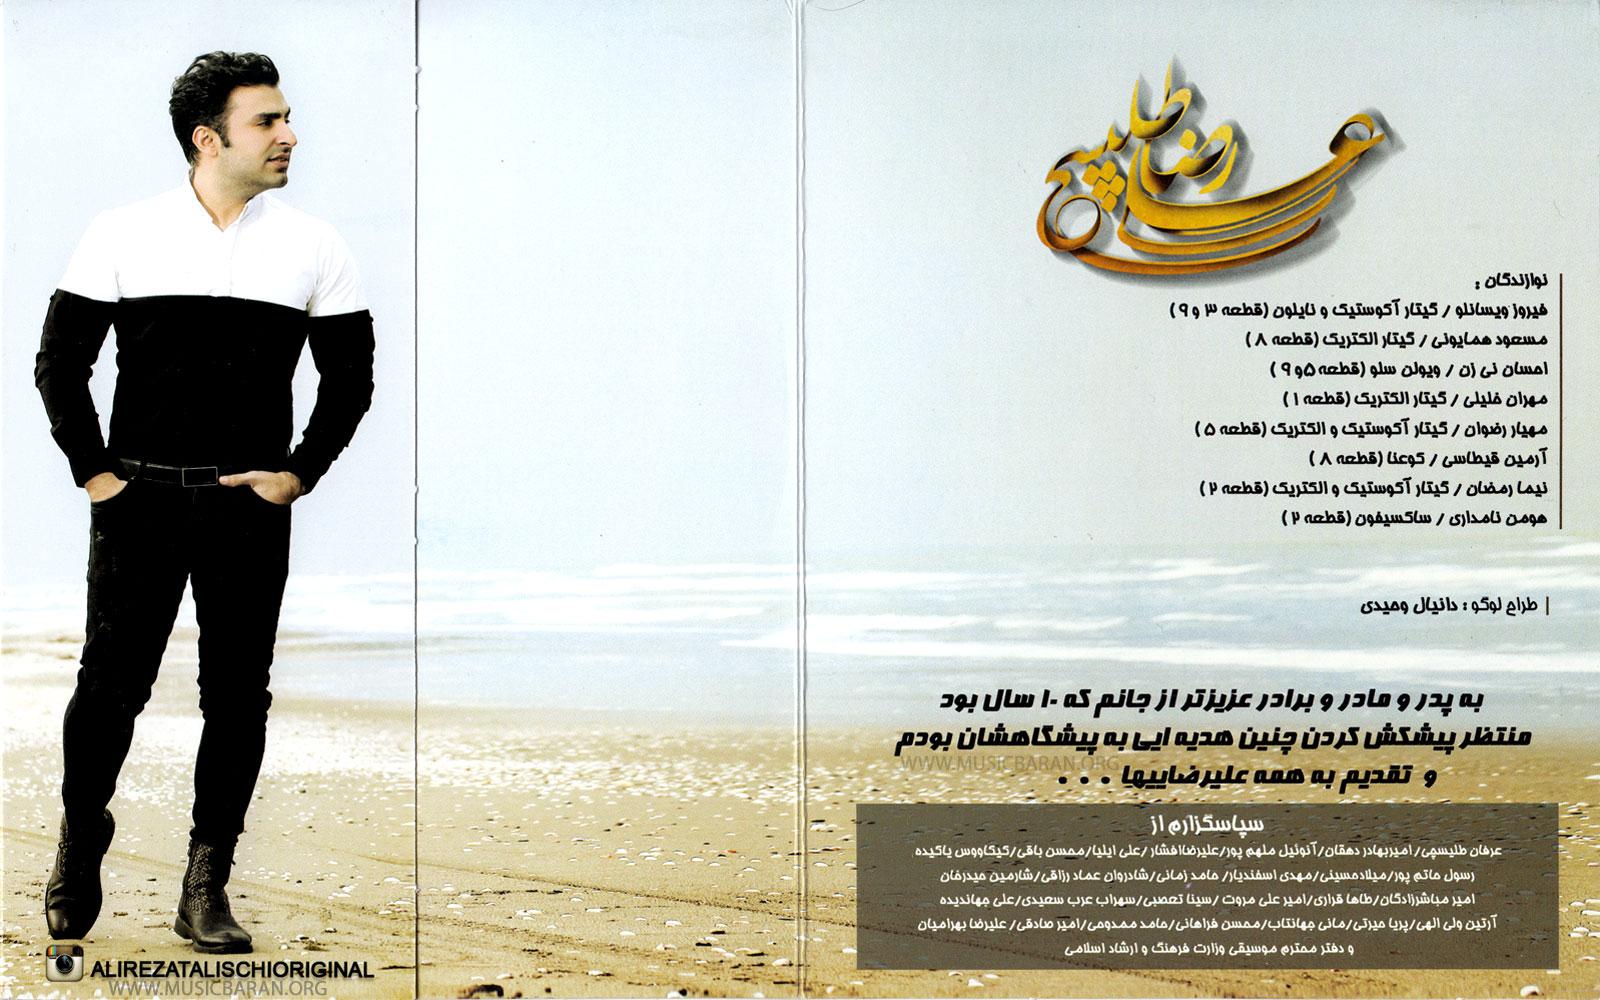 دانلود آلبوم جدید علیرضا طلیسچی بنام دقیقه هام